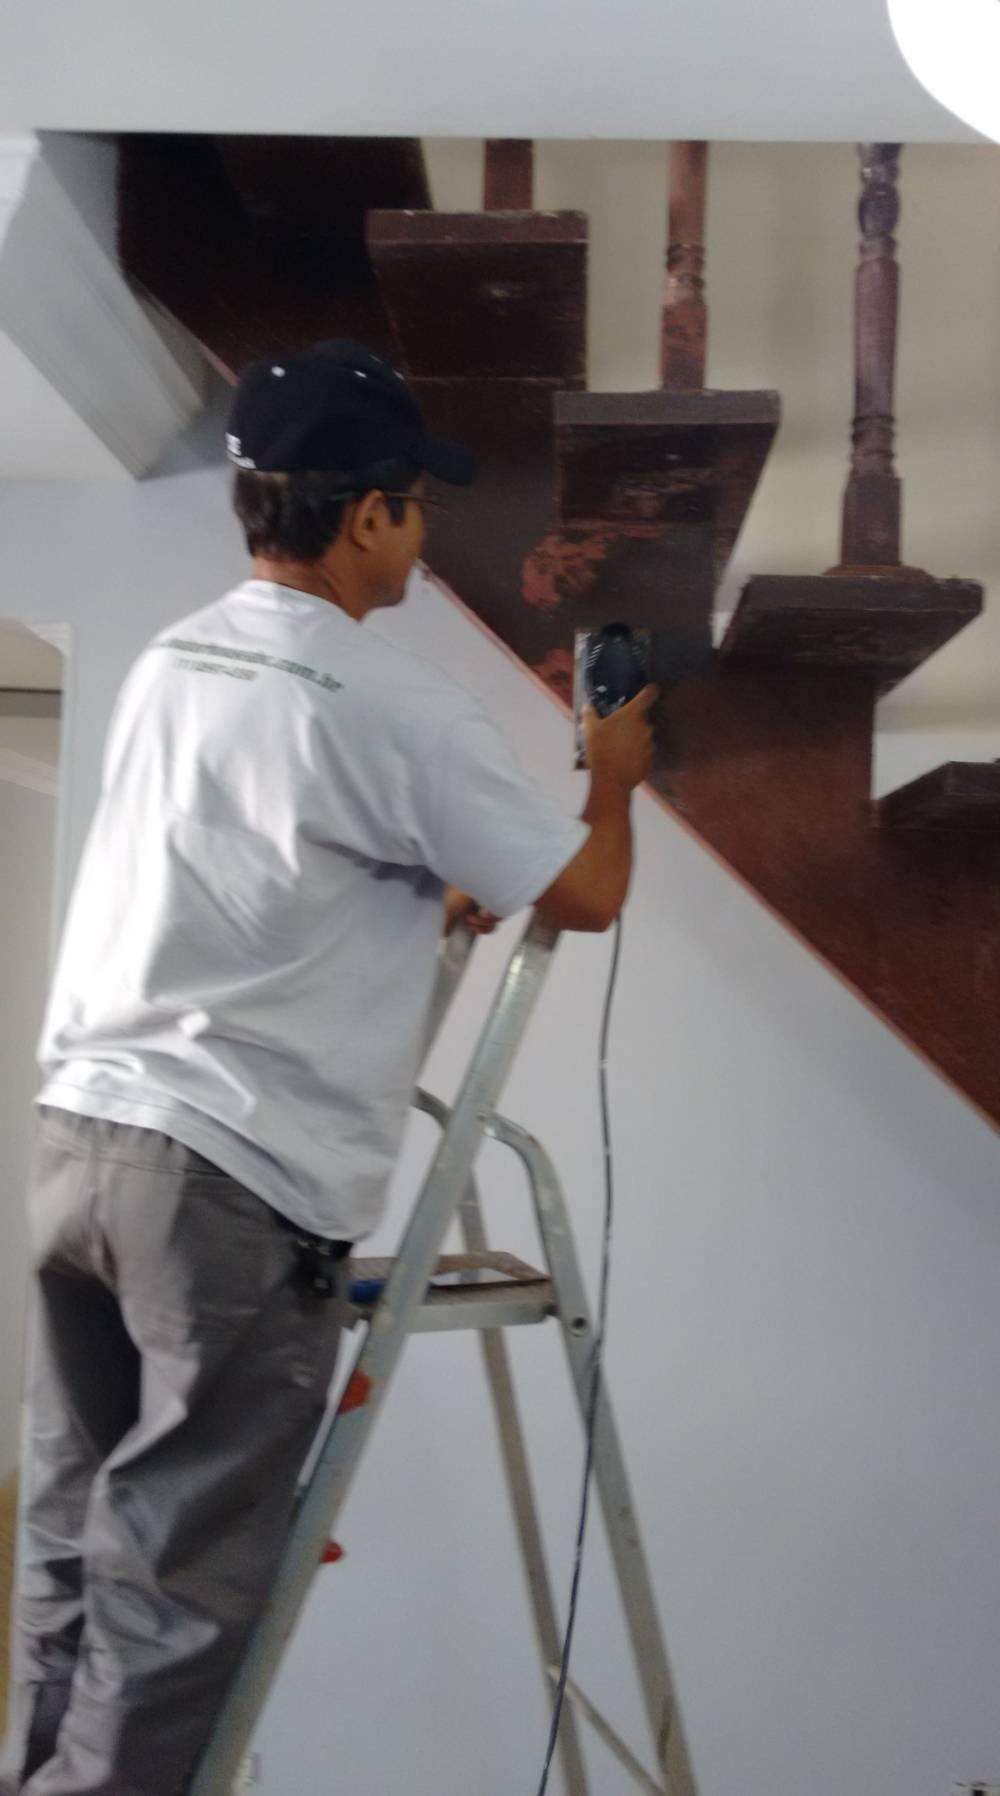 Empresas para Fazer Serviços de Instalação de Ventiladores de Teto no Bangú - Instalação de Ventilador SP